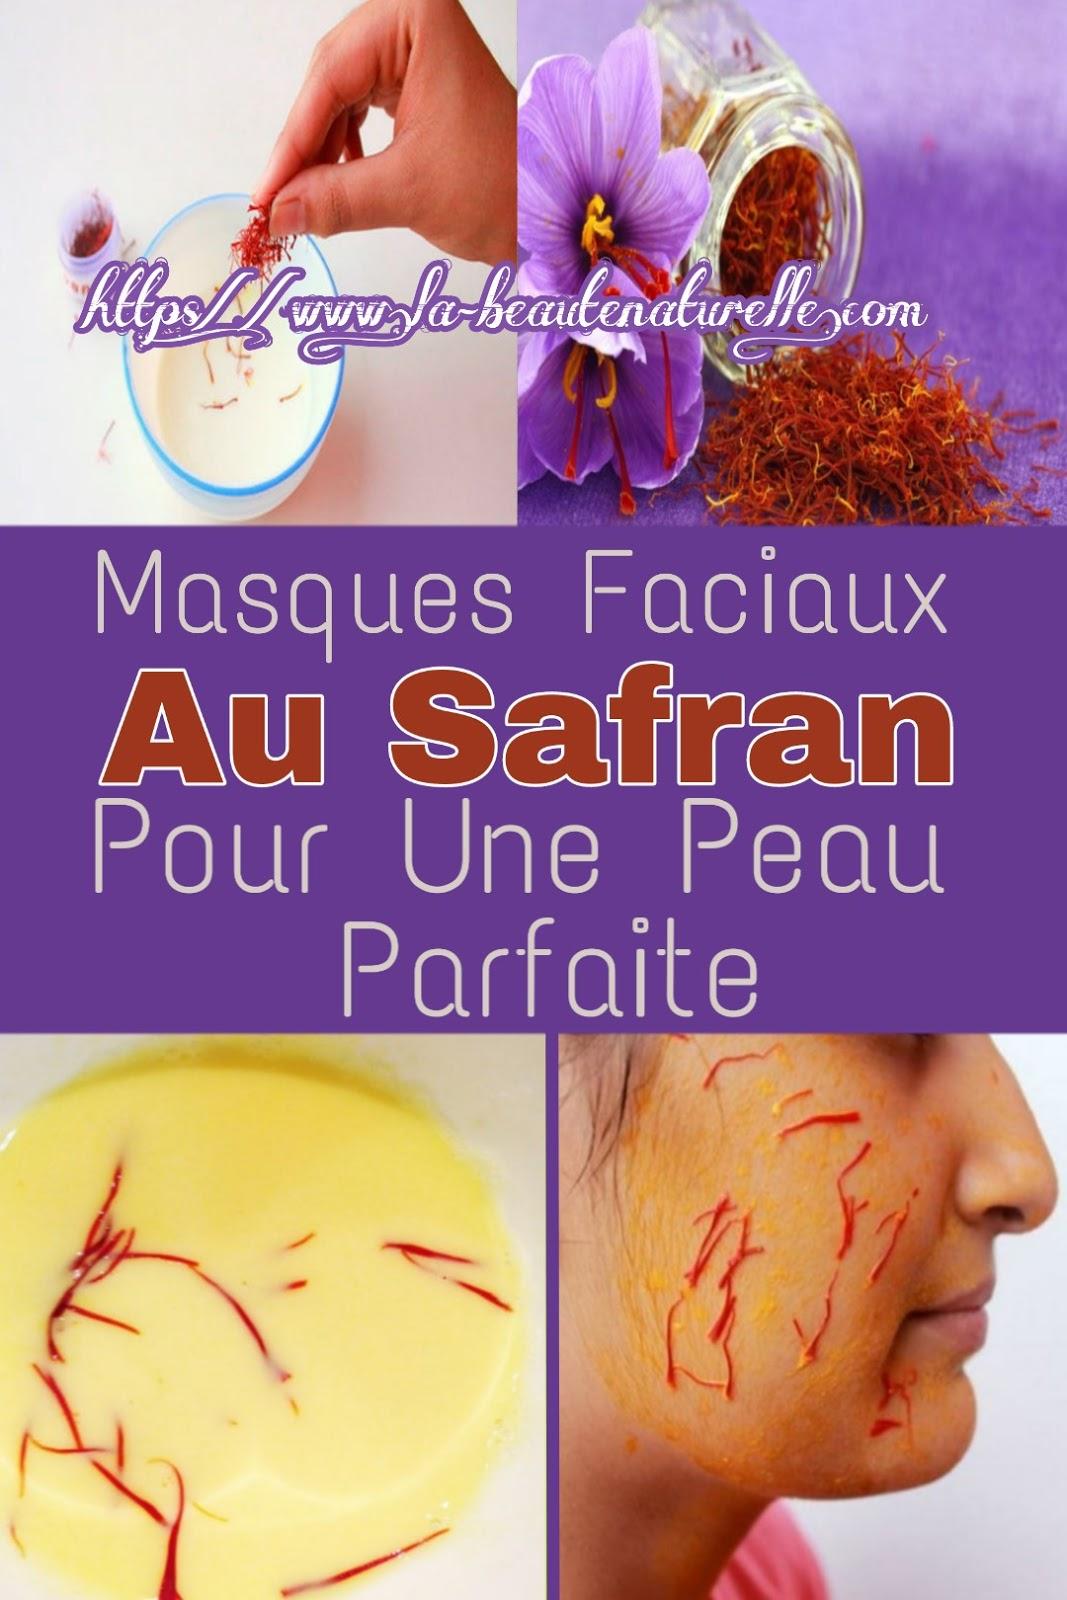 Masques Faciaux Au Safran Pour Une Peau Parfaite